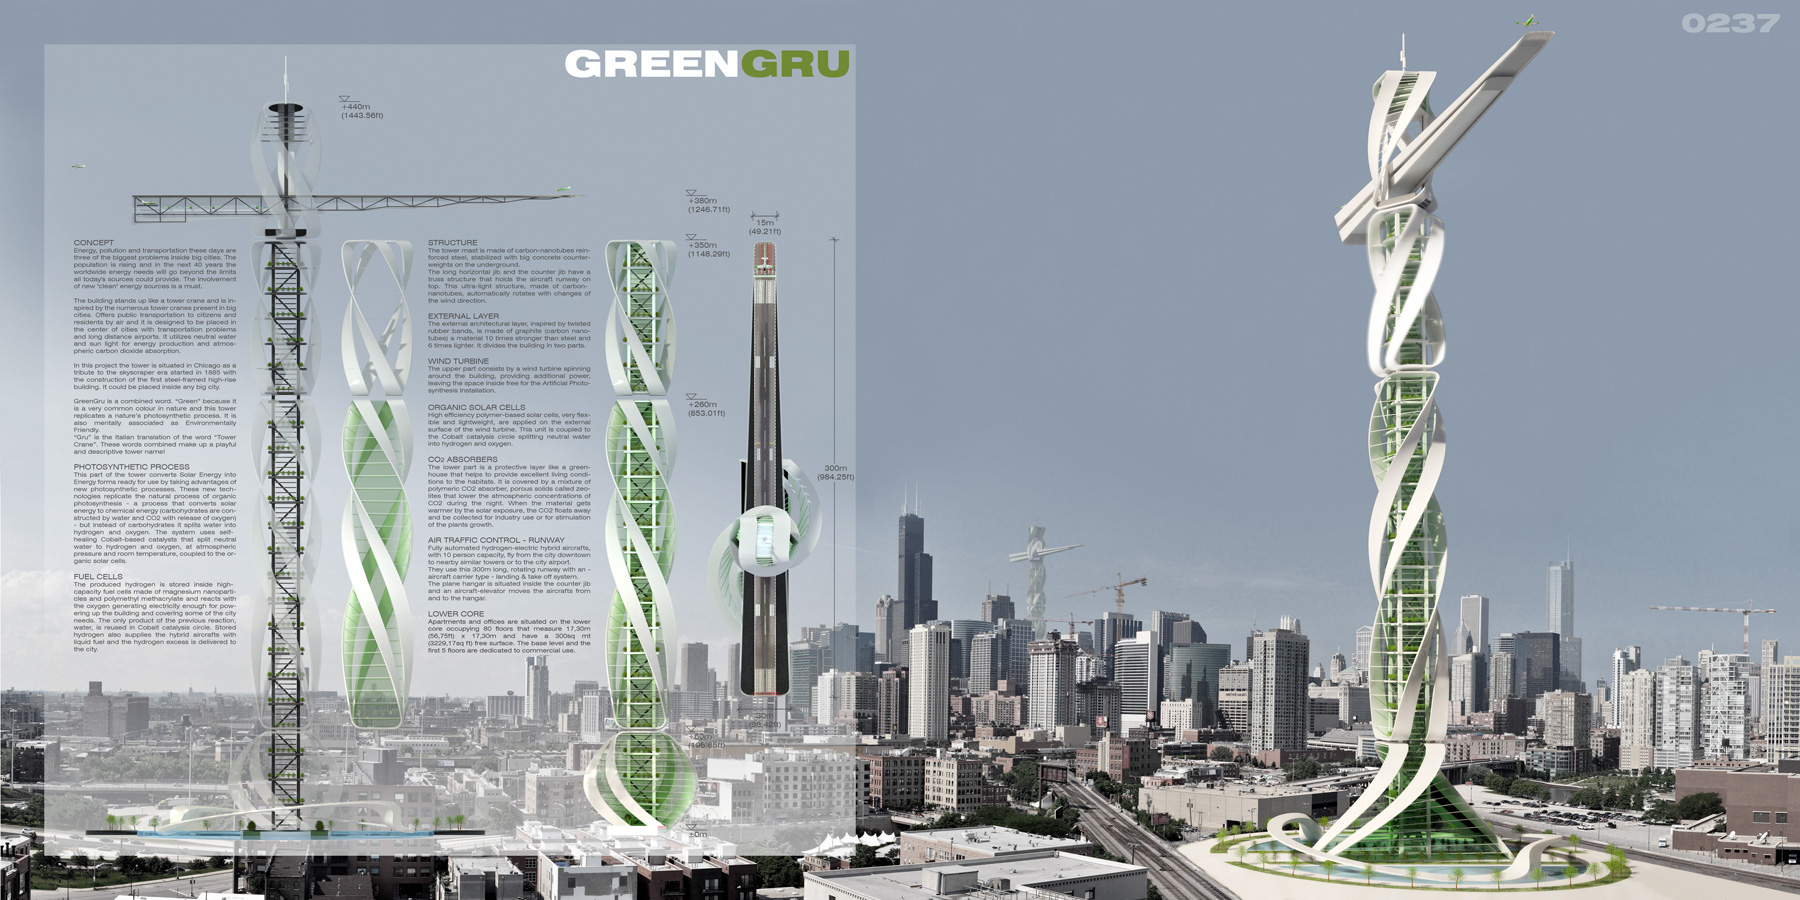 GreenGru Airportscraper eVolo  Architecture Magazine